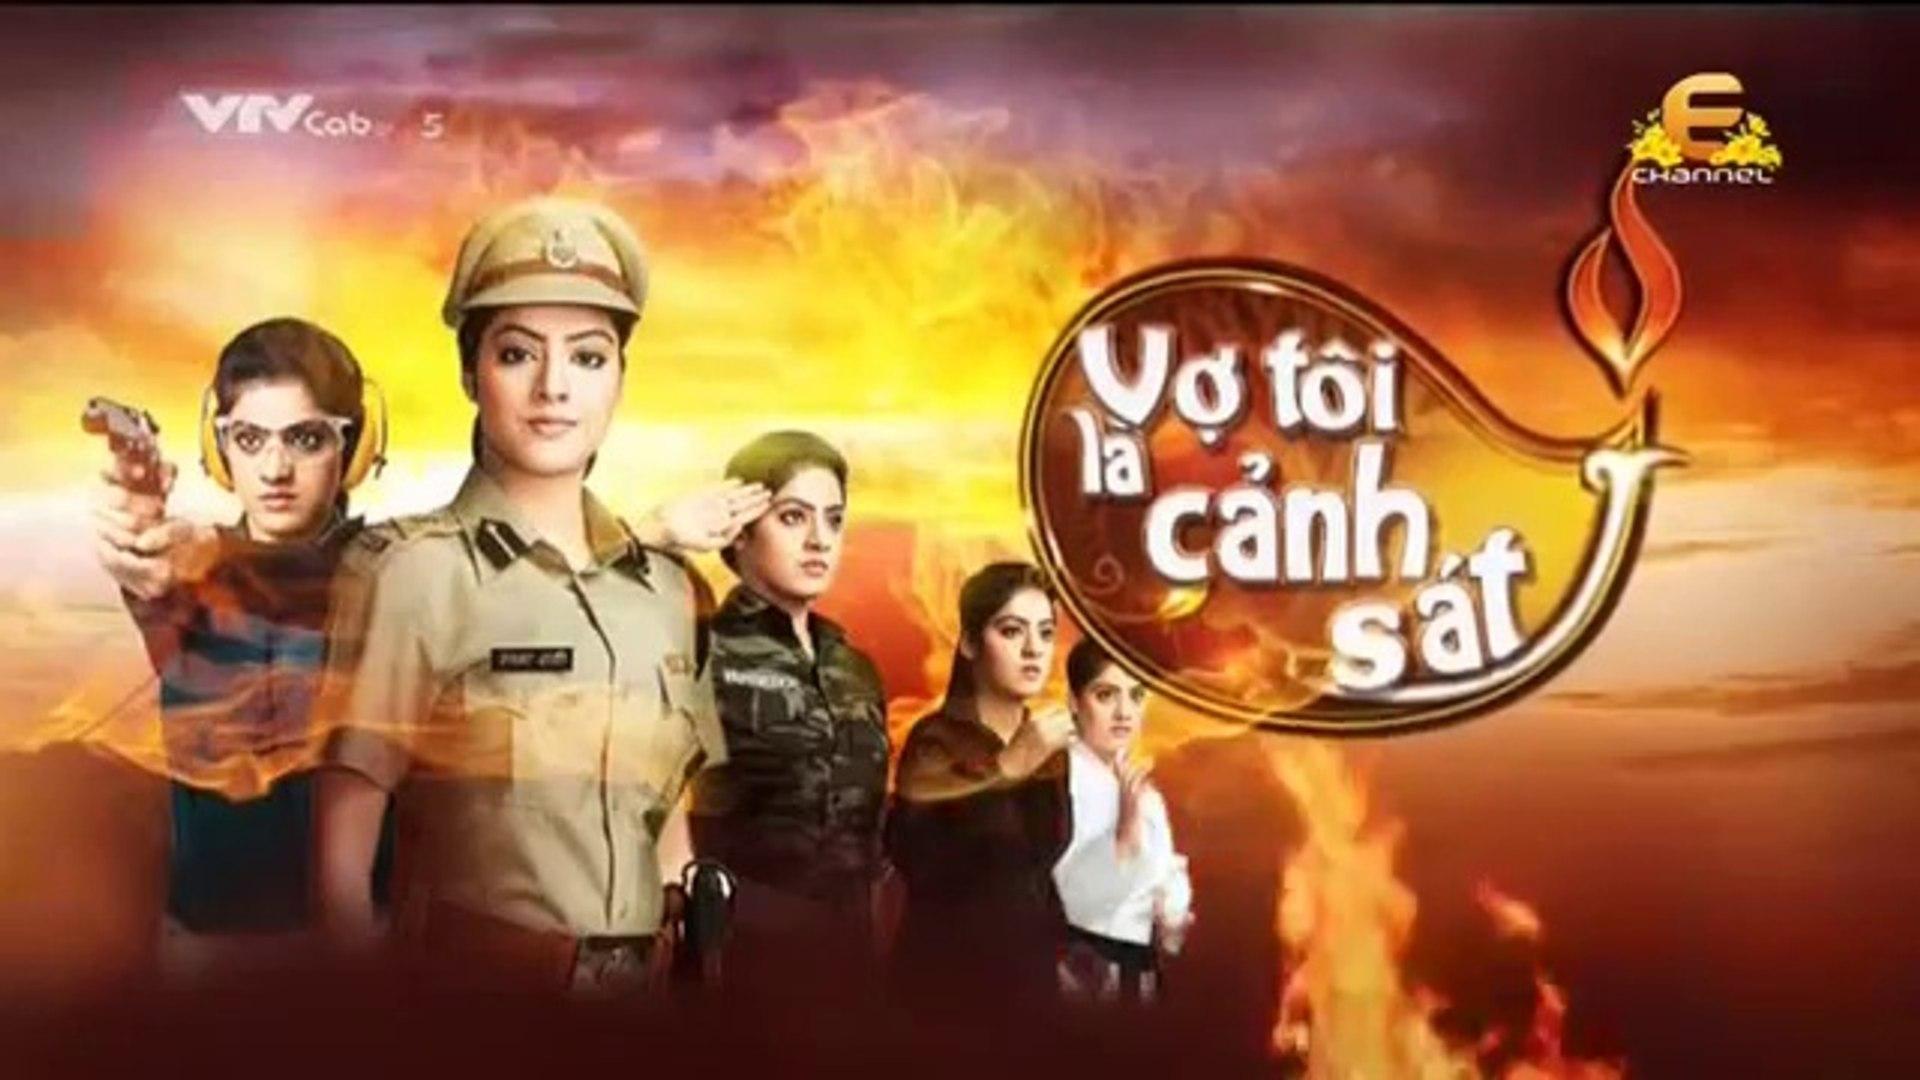 Vợ Tôi Là Cảnh Sát Tập 38 - (Phim Ấn Độ THVL2 Lồng Tiếng) - Phim Vo Toi La Canh Sat Tap 38 - Vo Toi